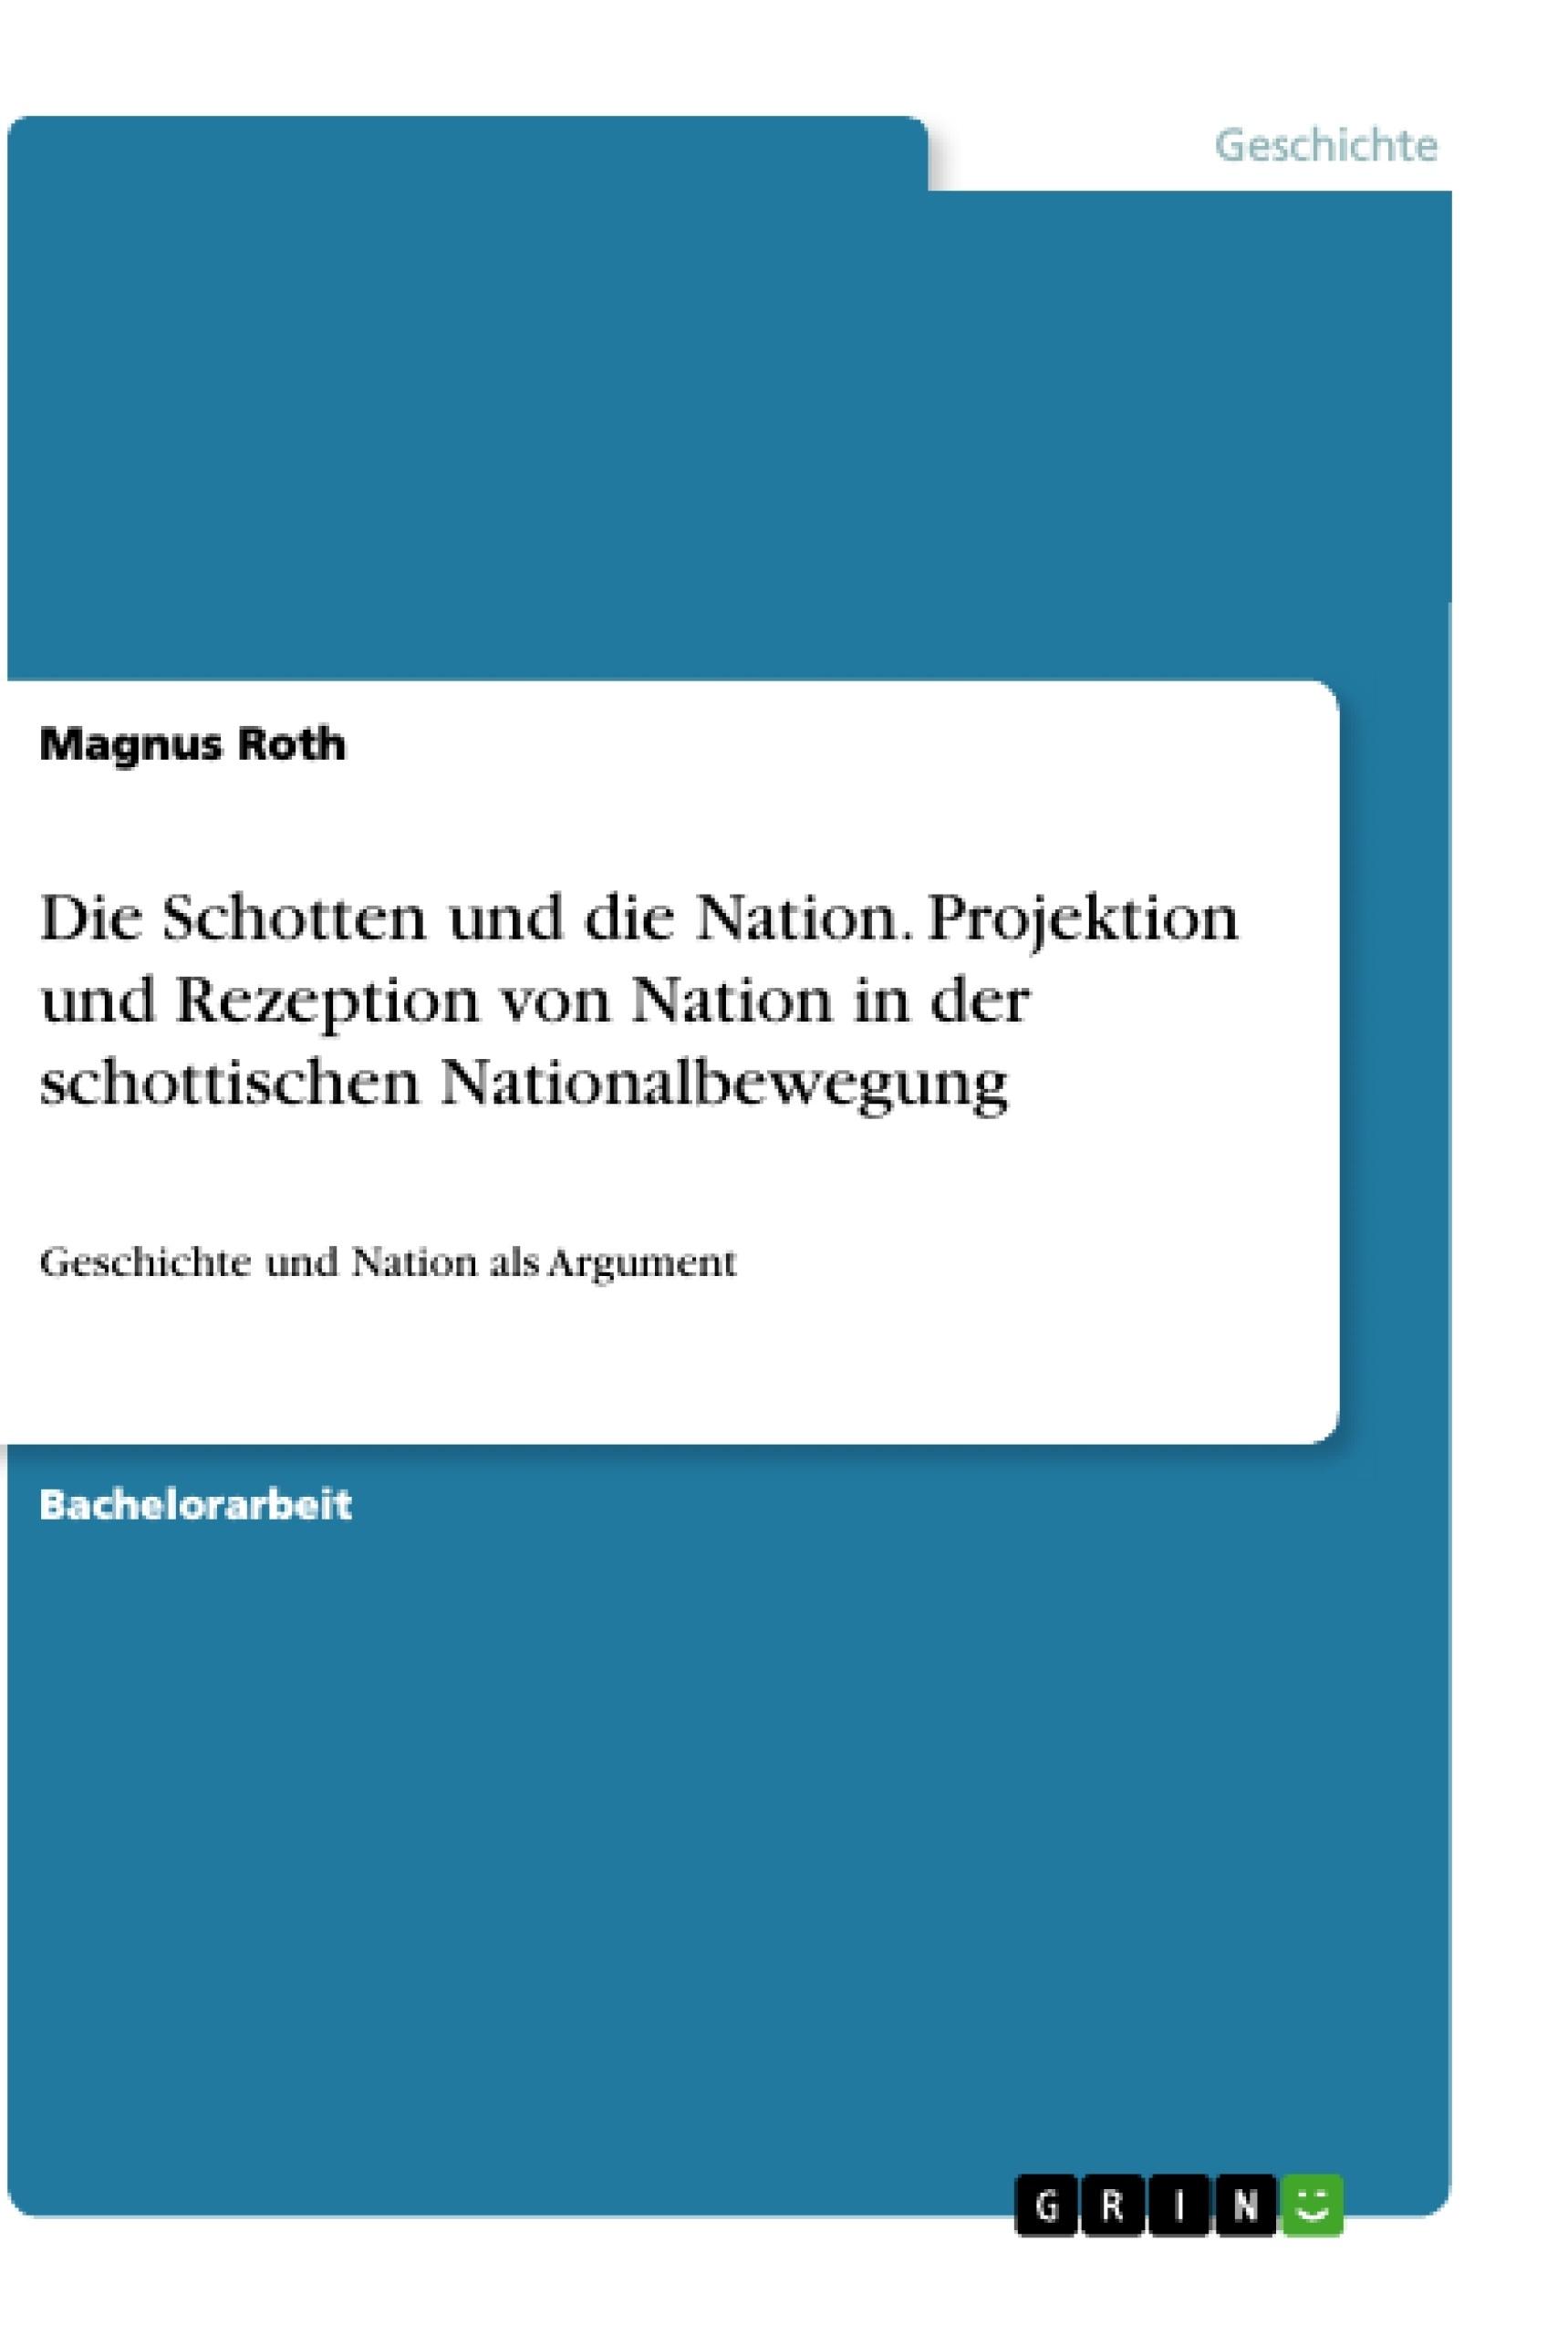 Titel: Die Schotten und die Nation. Projektion und Rezeption von Nation in der schottischen Nationalbewegung